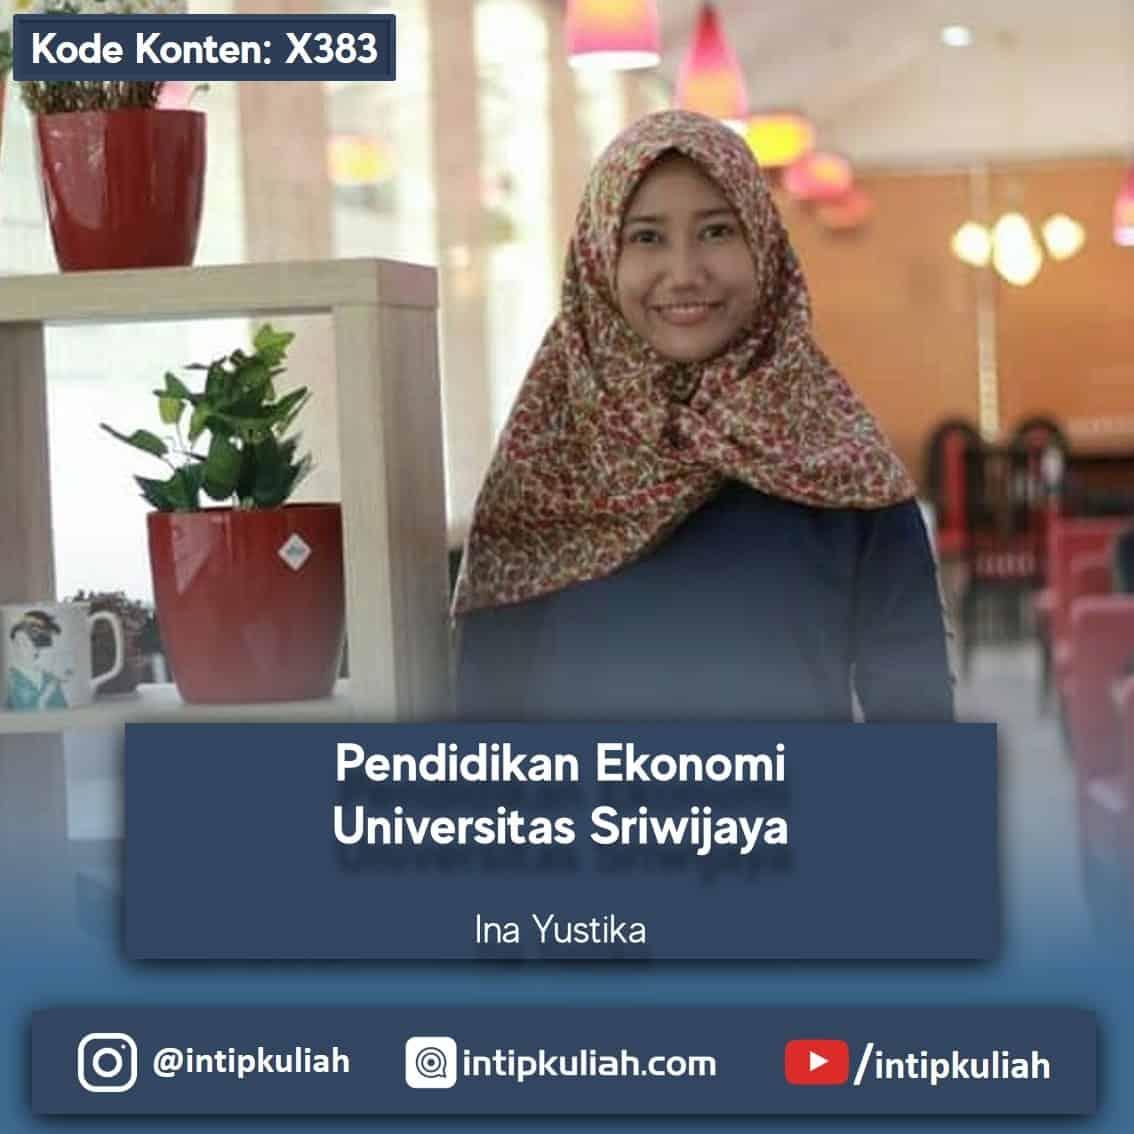 Pendidikan Ekonomi Universitas Sriwijaya (Ina)